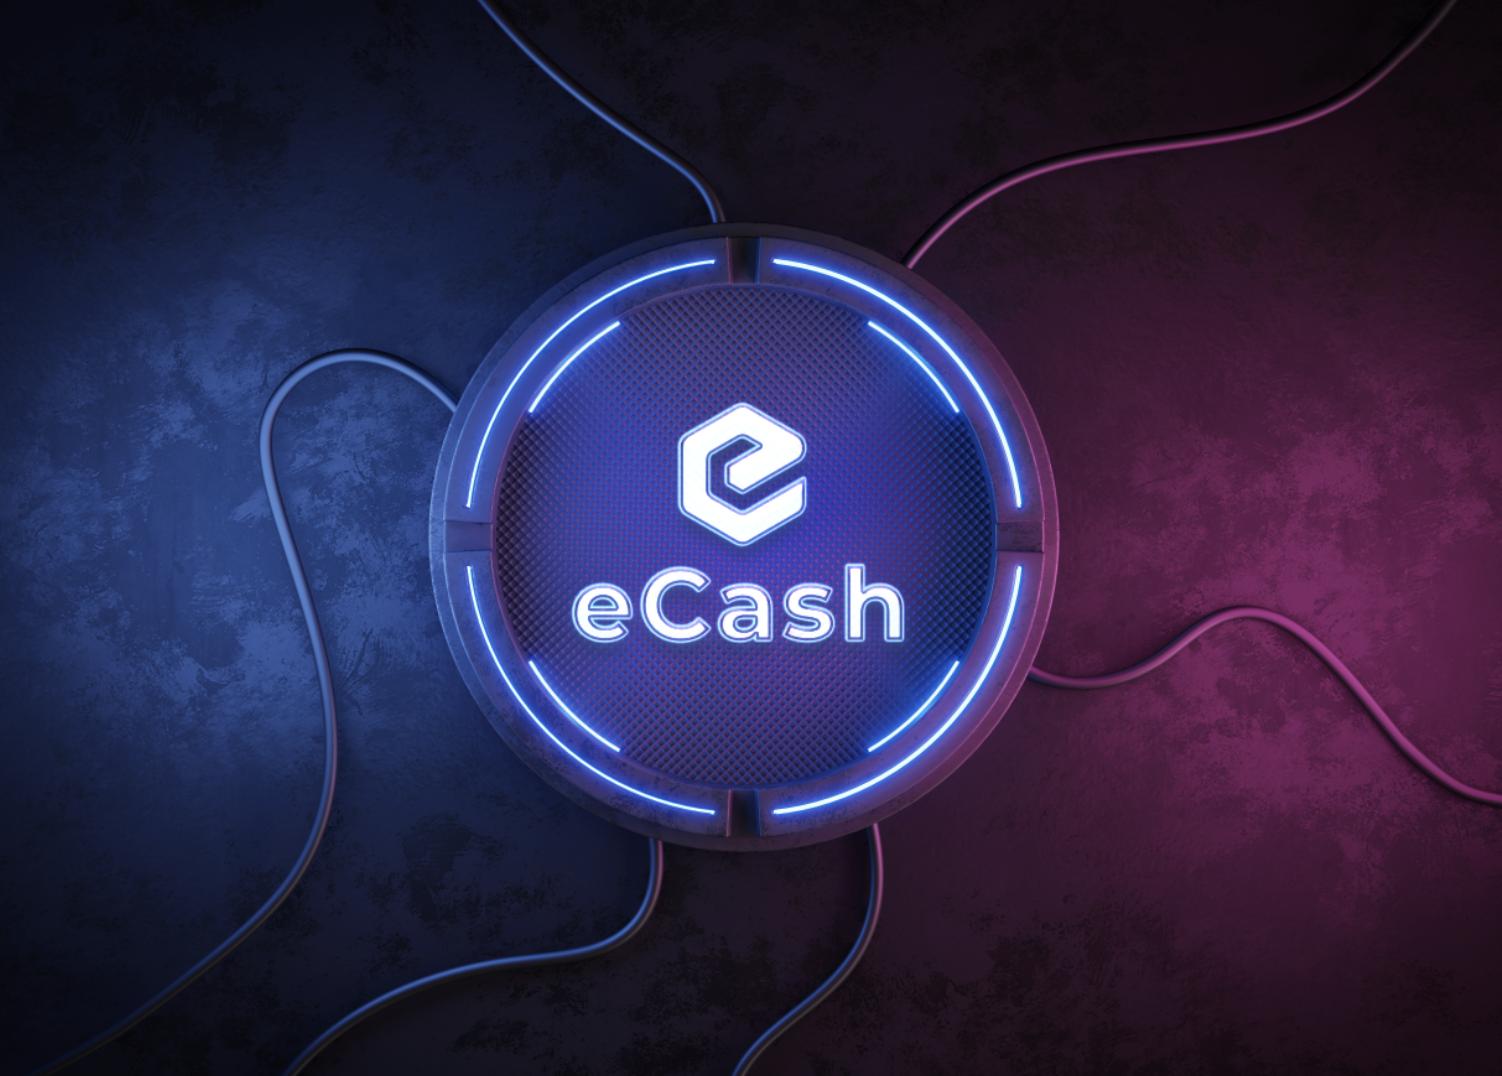 XEC(eCash) Mining